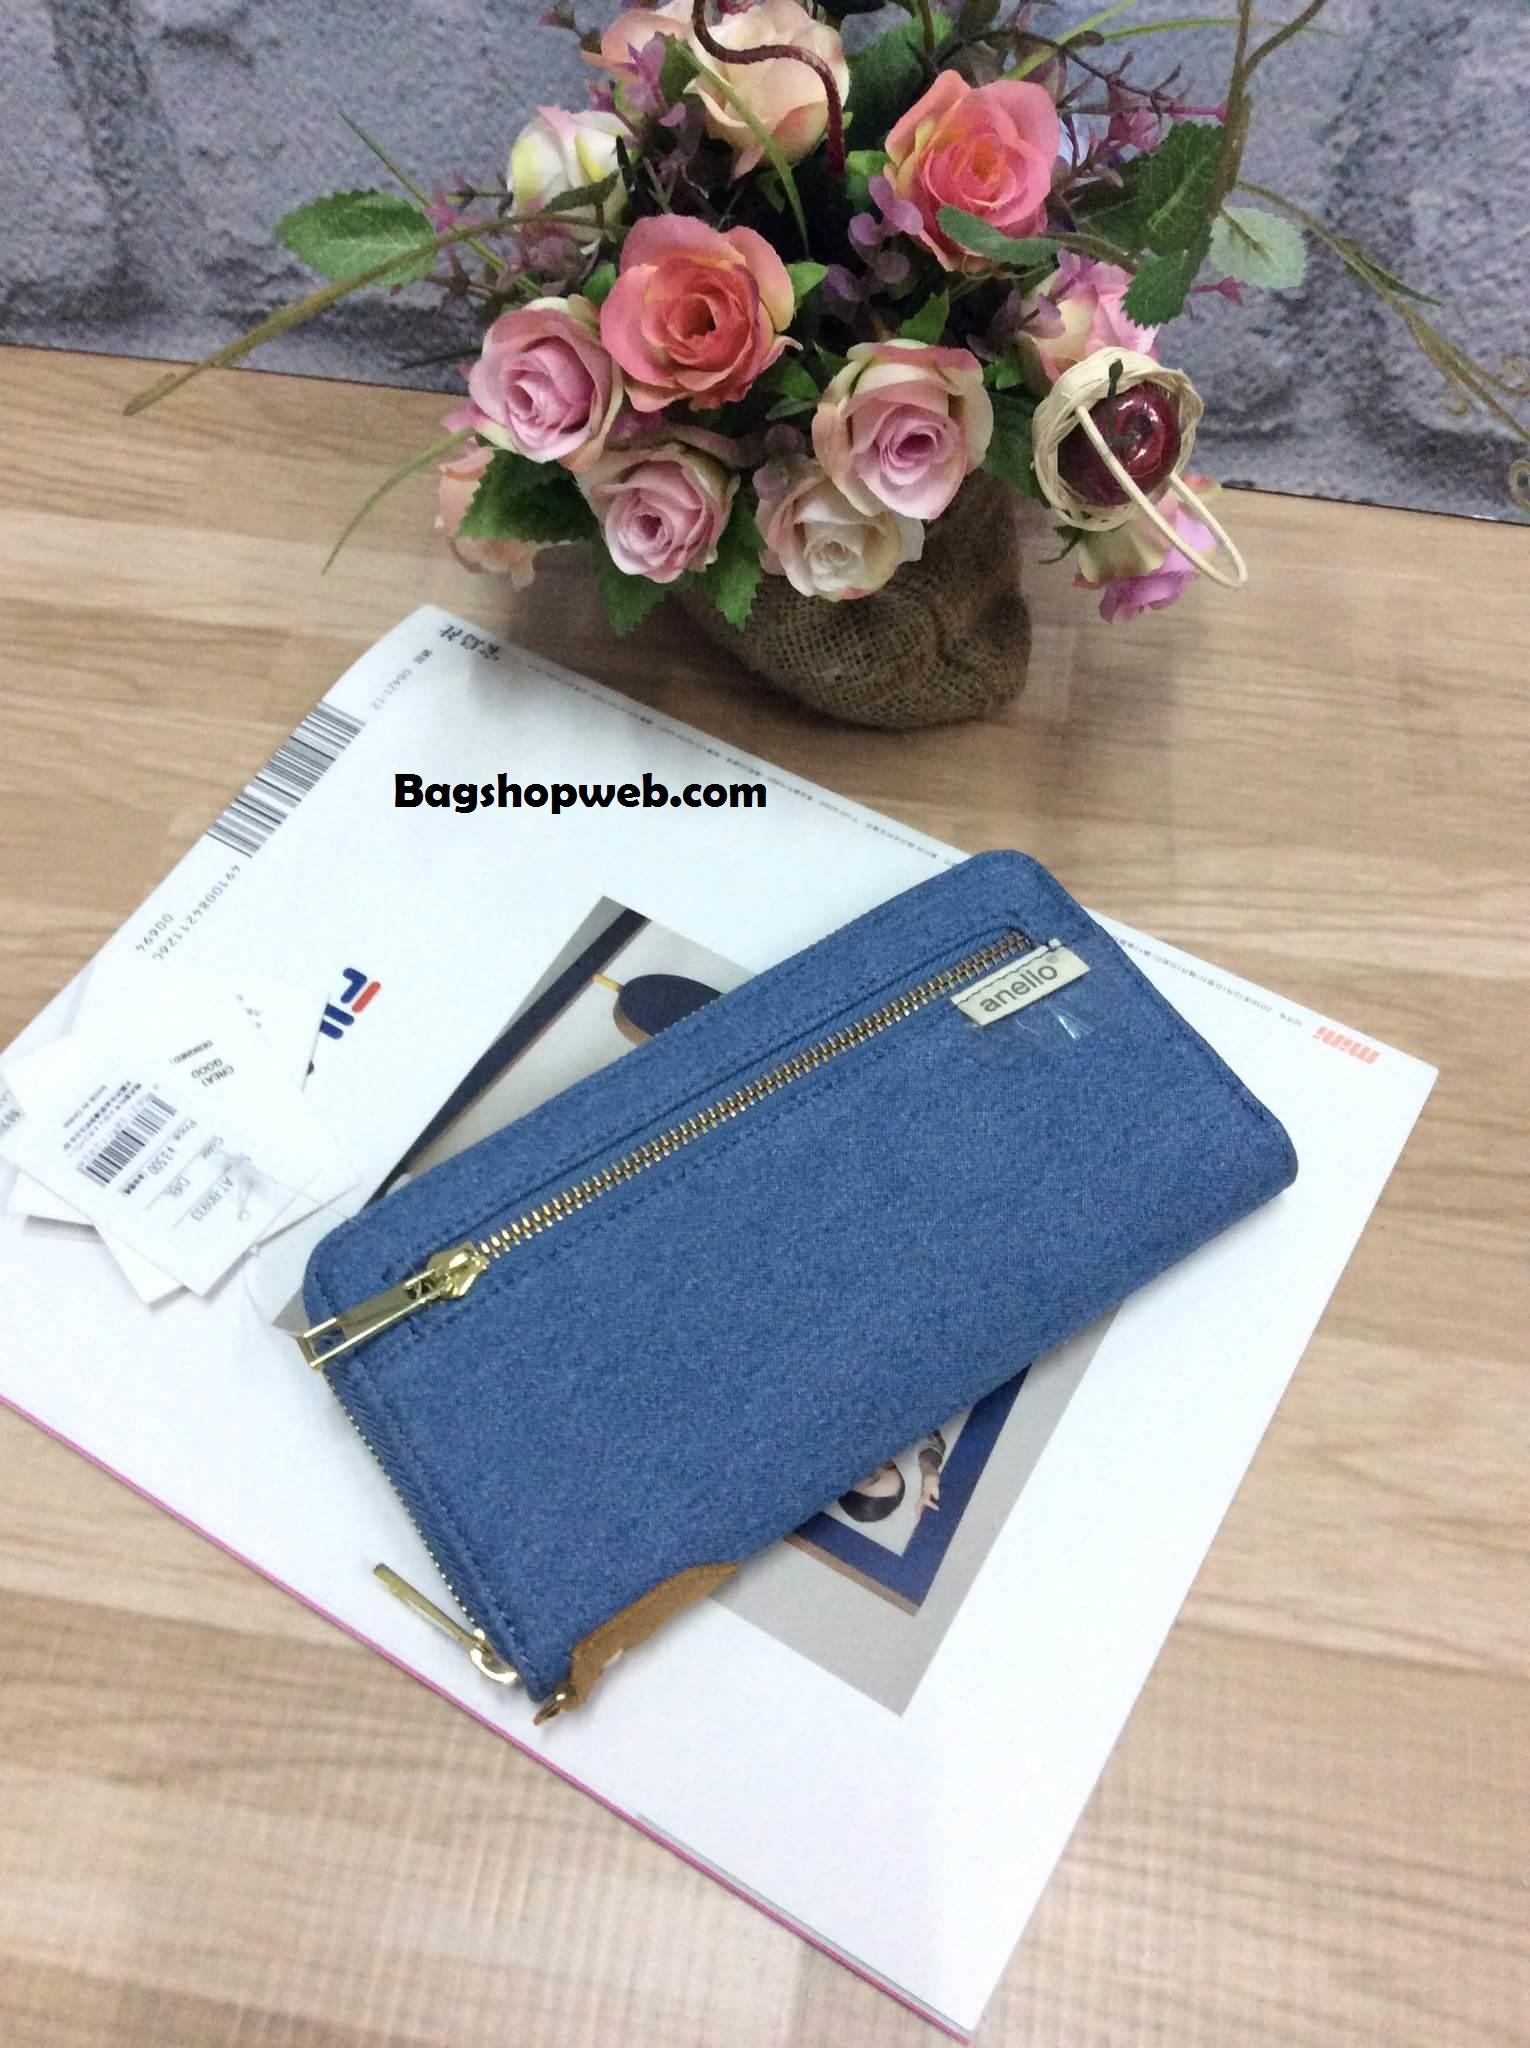 กระเป๋าสตางค์ Anello long wallet กระเป๋าสตางค์ทรงยาว แบบซิปรอบ น่ารักมากค่ะ แบบที่ 2